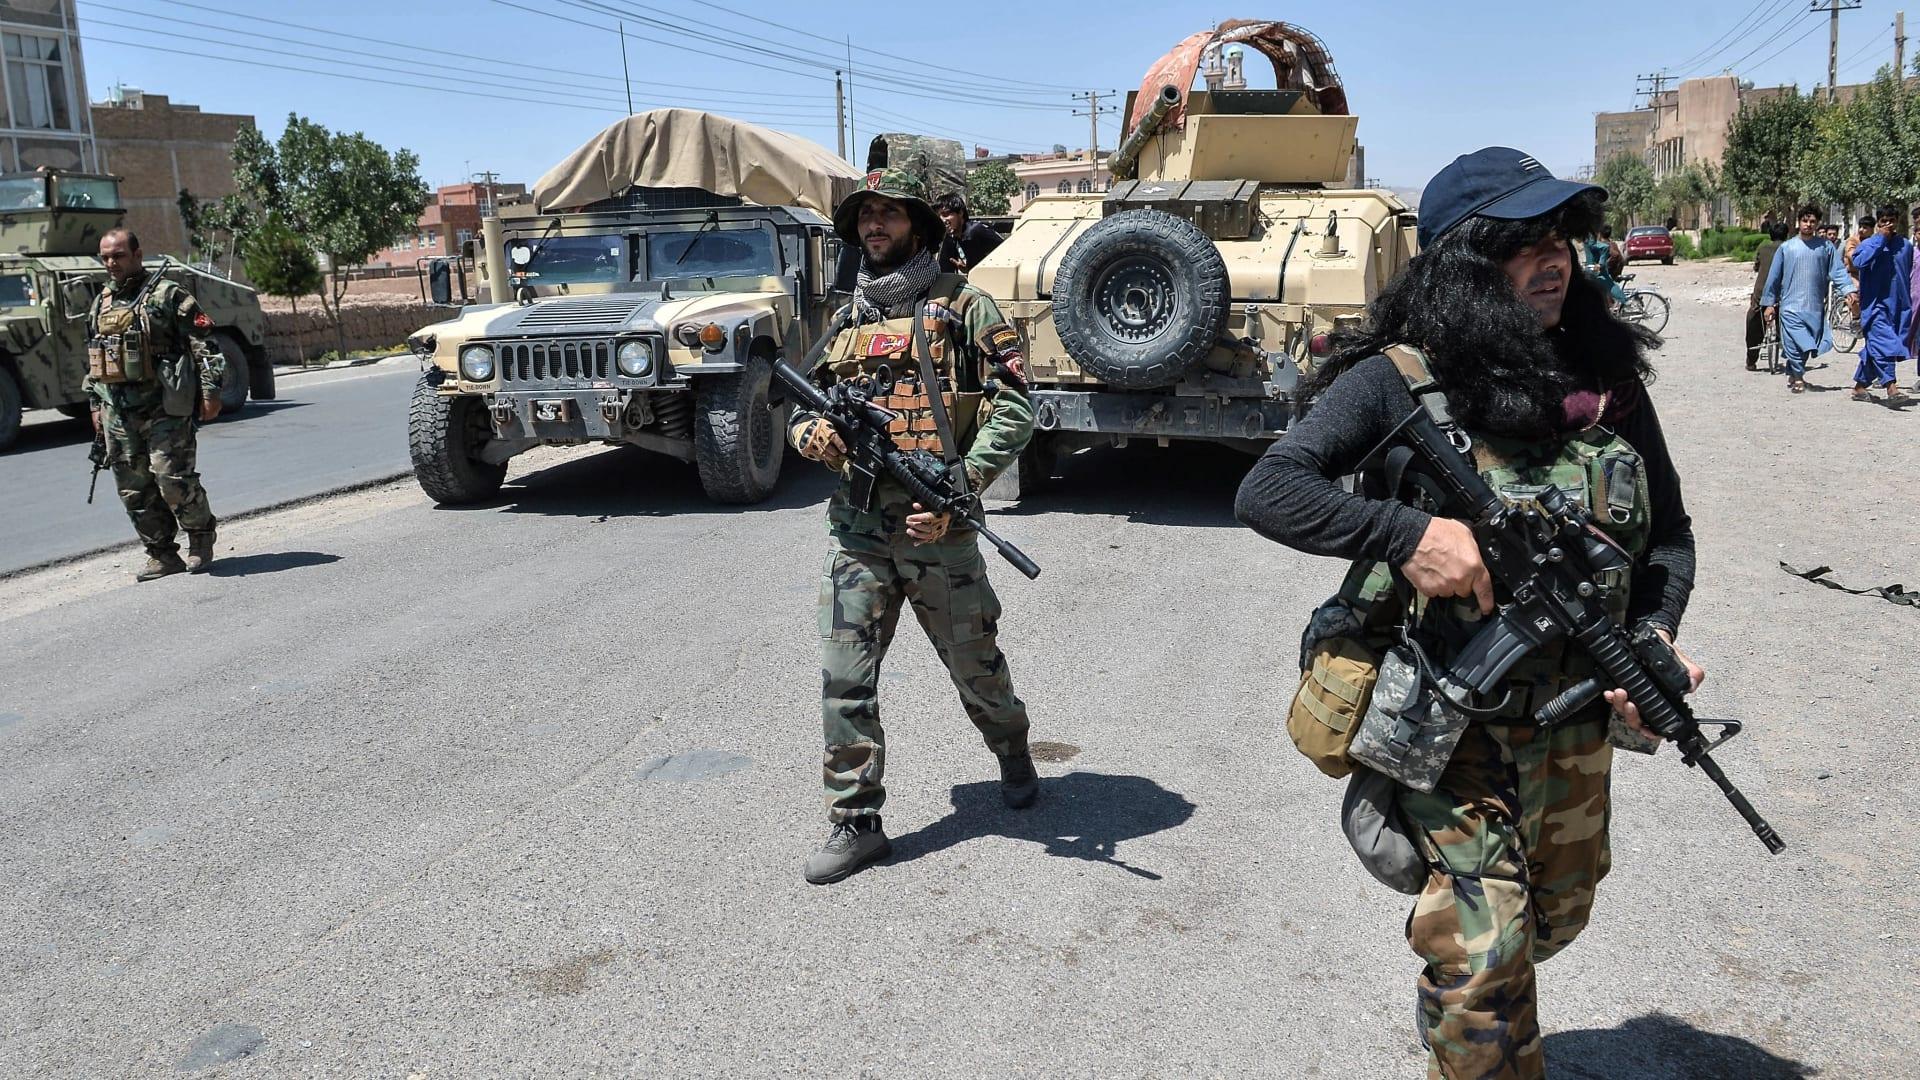 1 أغسطس 2021 ، تسير قوات كوماندوز الجيش الوطني الأفغاني على طول طريق وسط قتال مستمر بين طالبان وقوات الأمن الأفغانية في منطقة إنجيل بمقاطعة هرات.